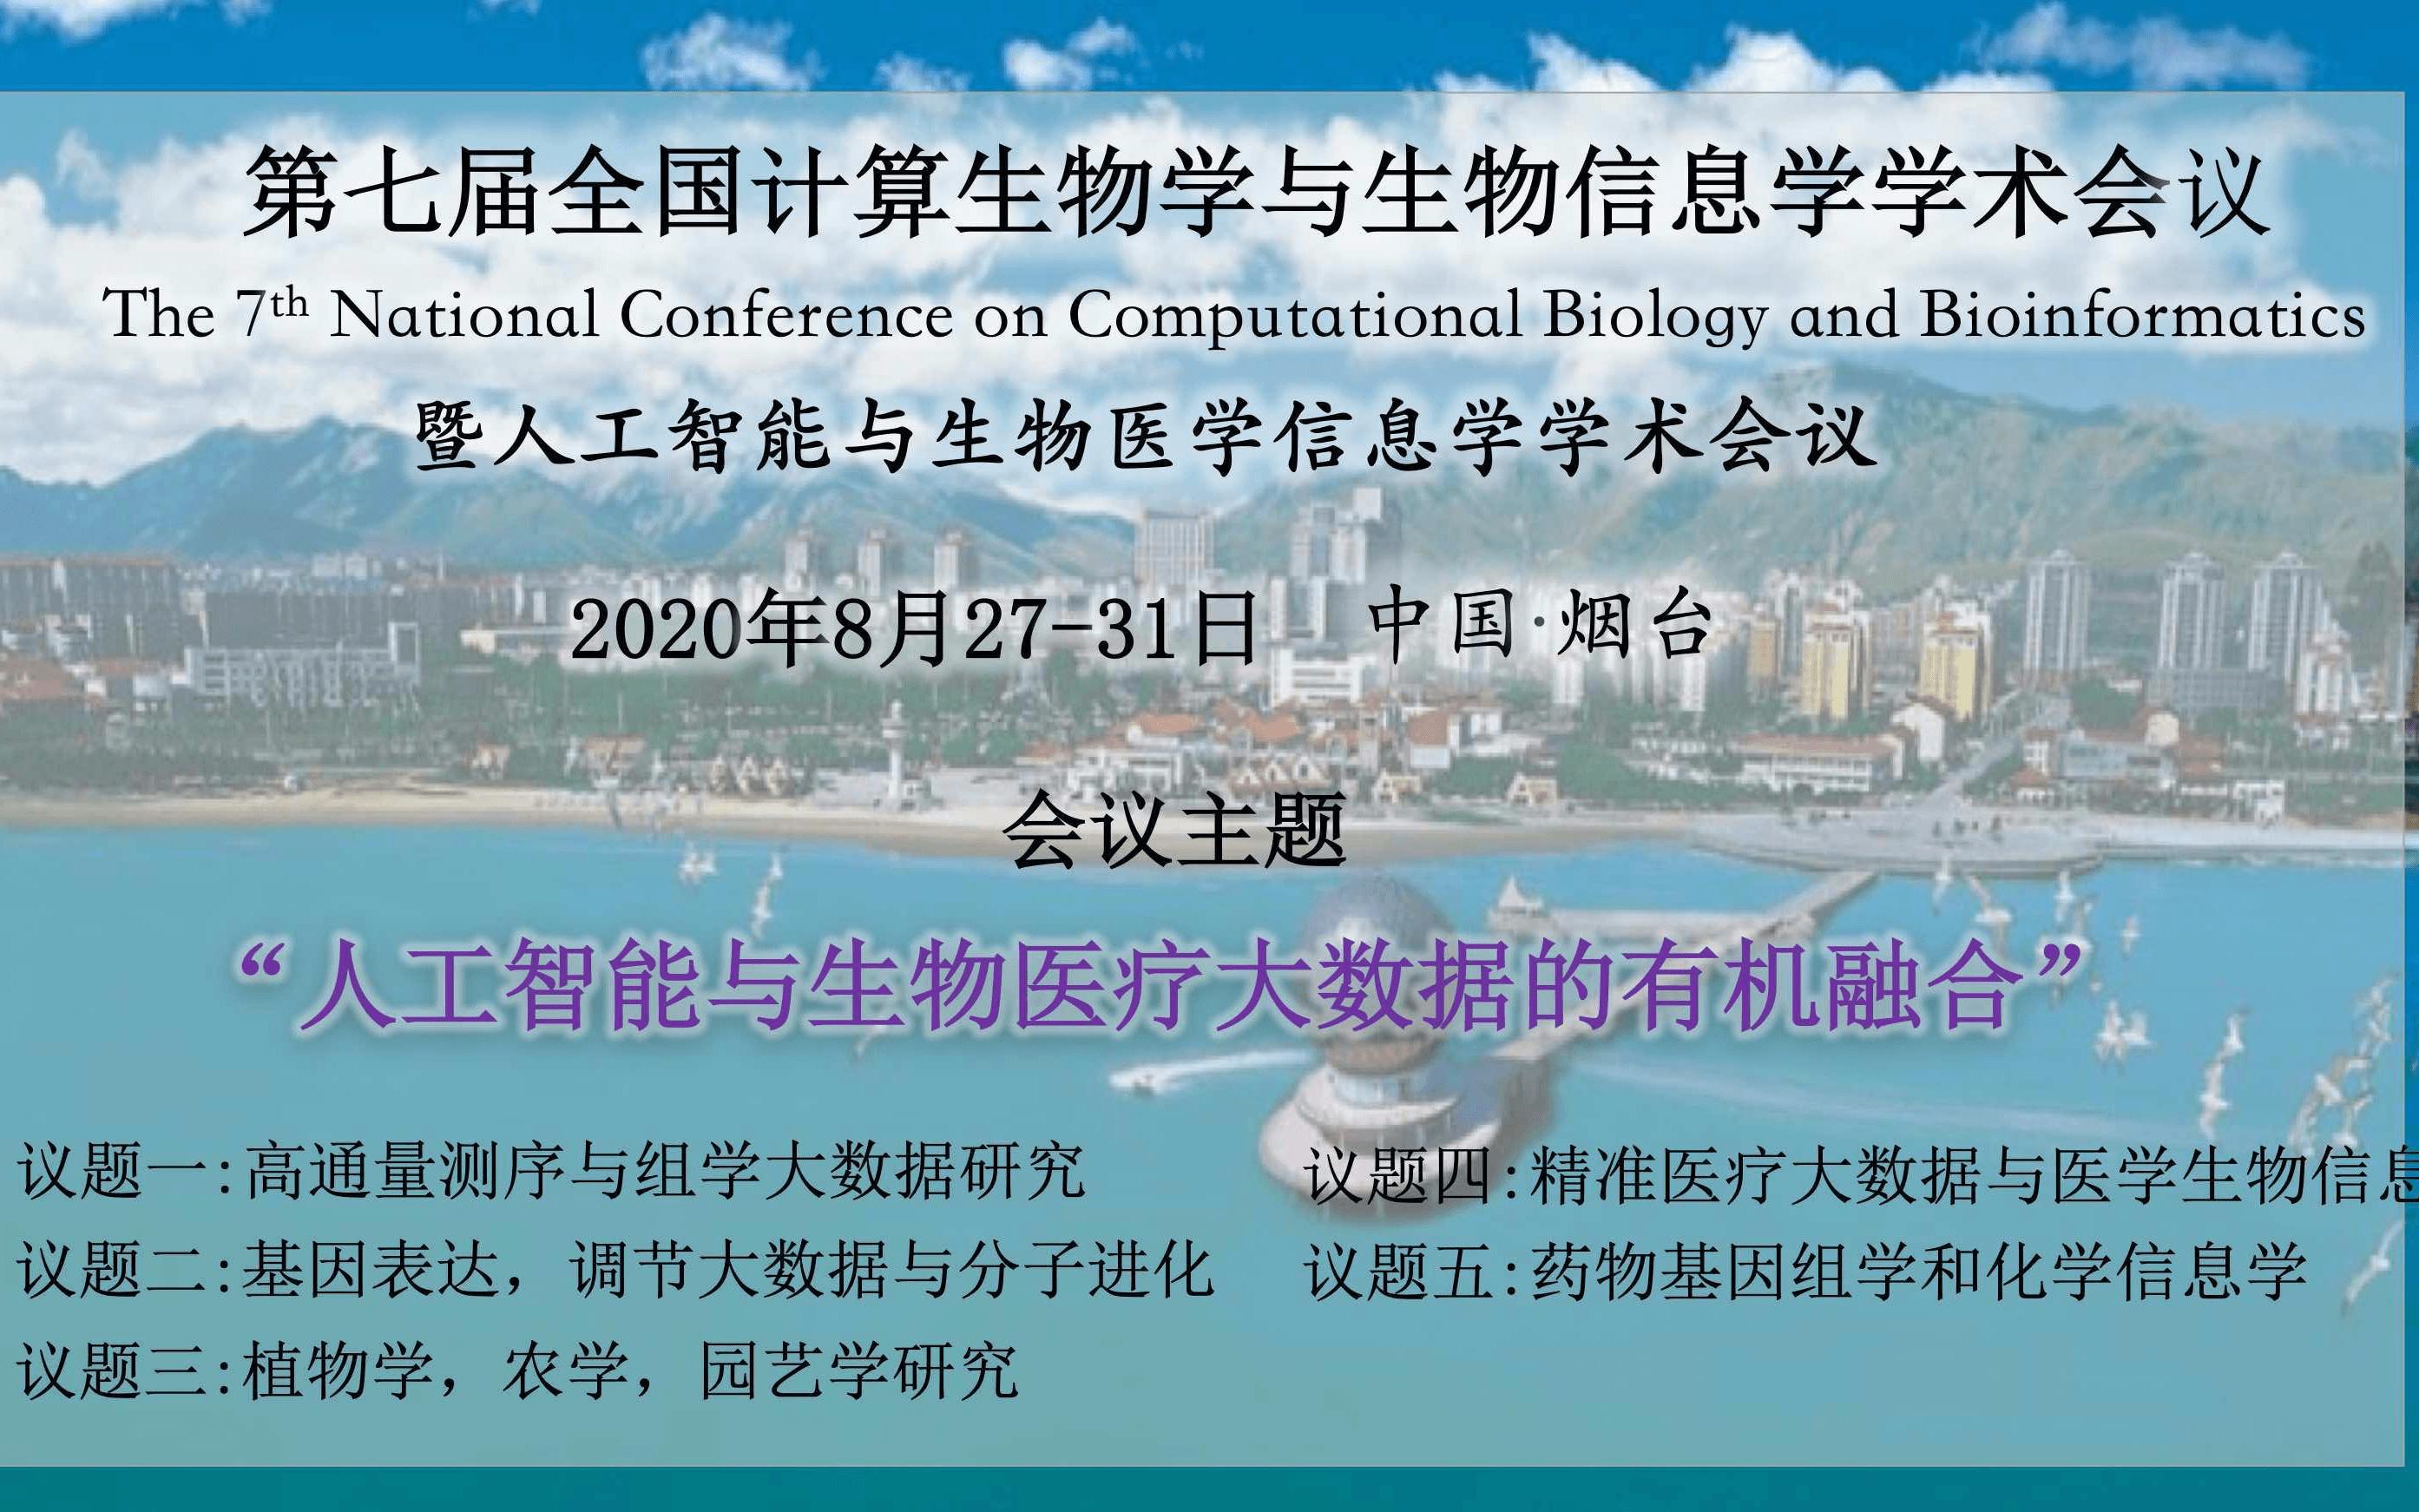 """第七届全国计算生物学与生物信息学暨""""人工智能与生物医学信息学学术会议"""""""